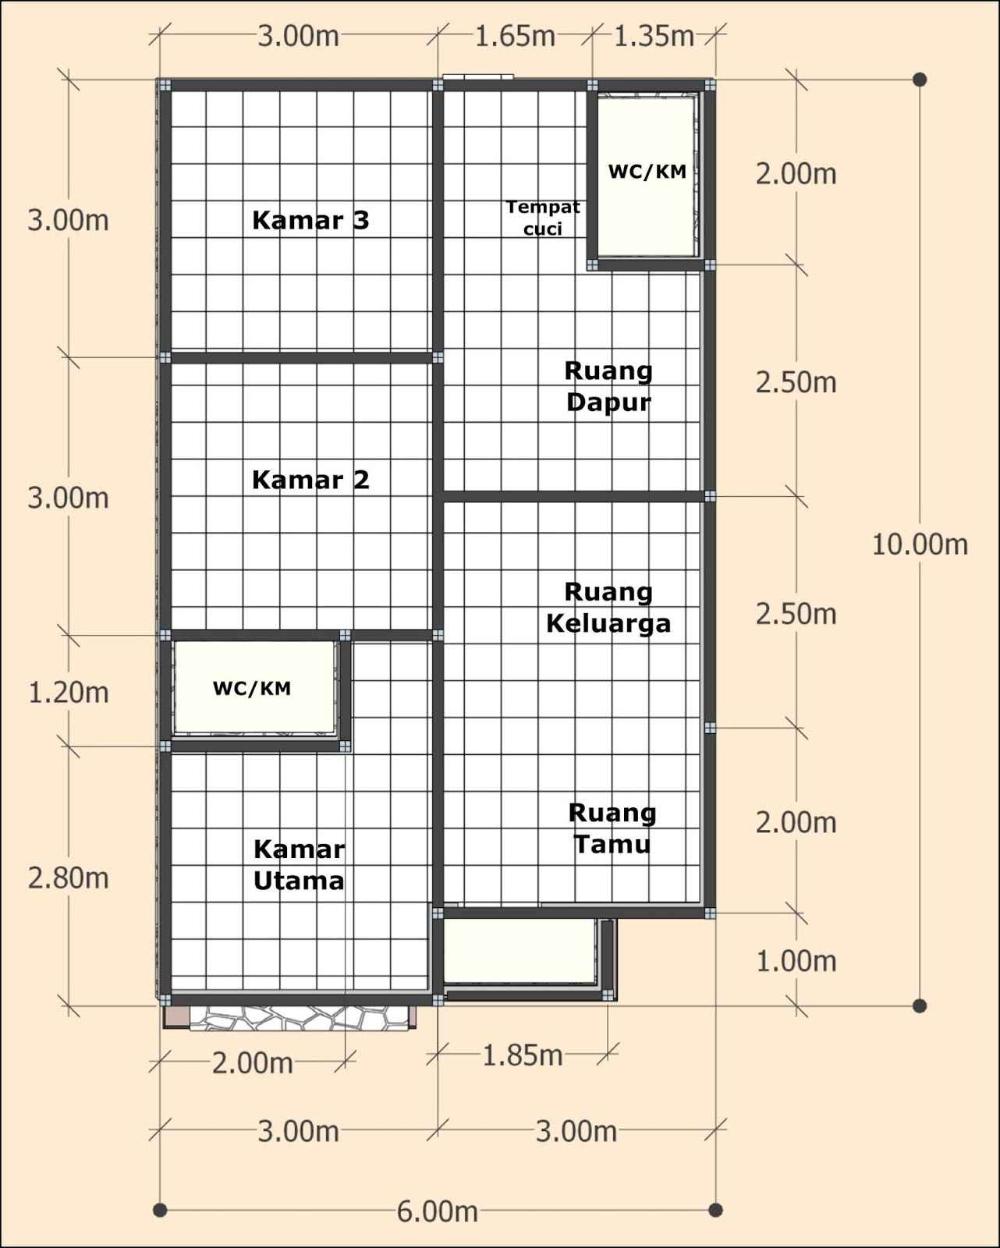 Pin Di Desain Denah Rumah Sederhana Terbaru